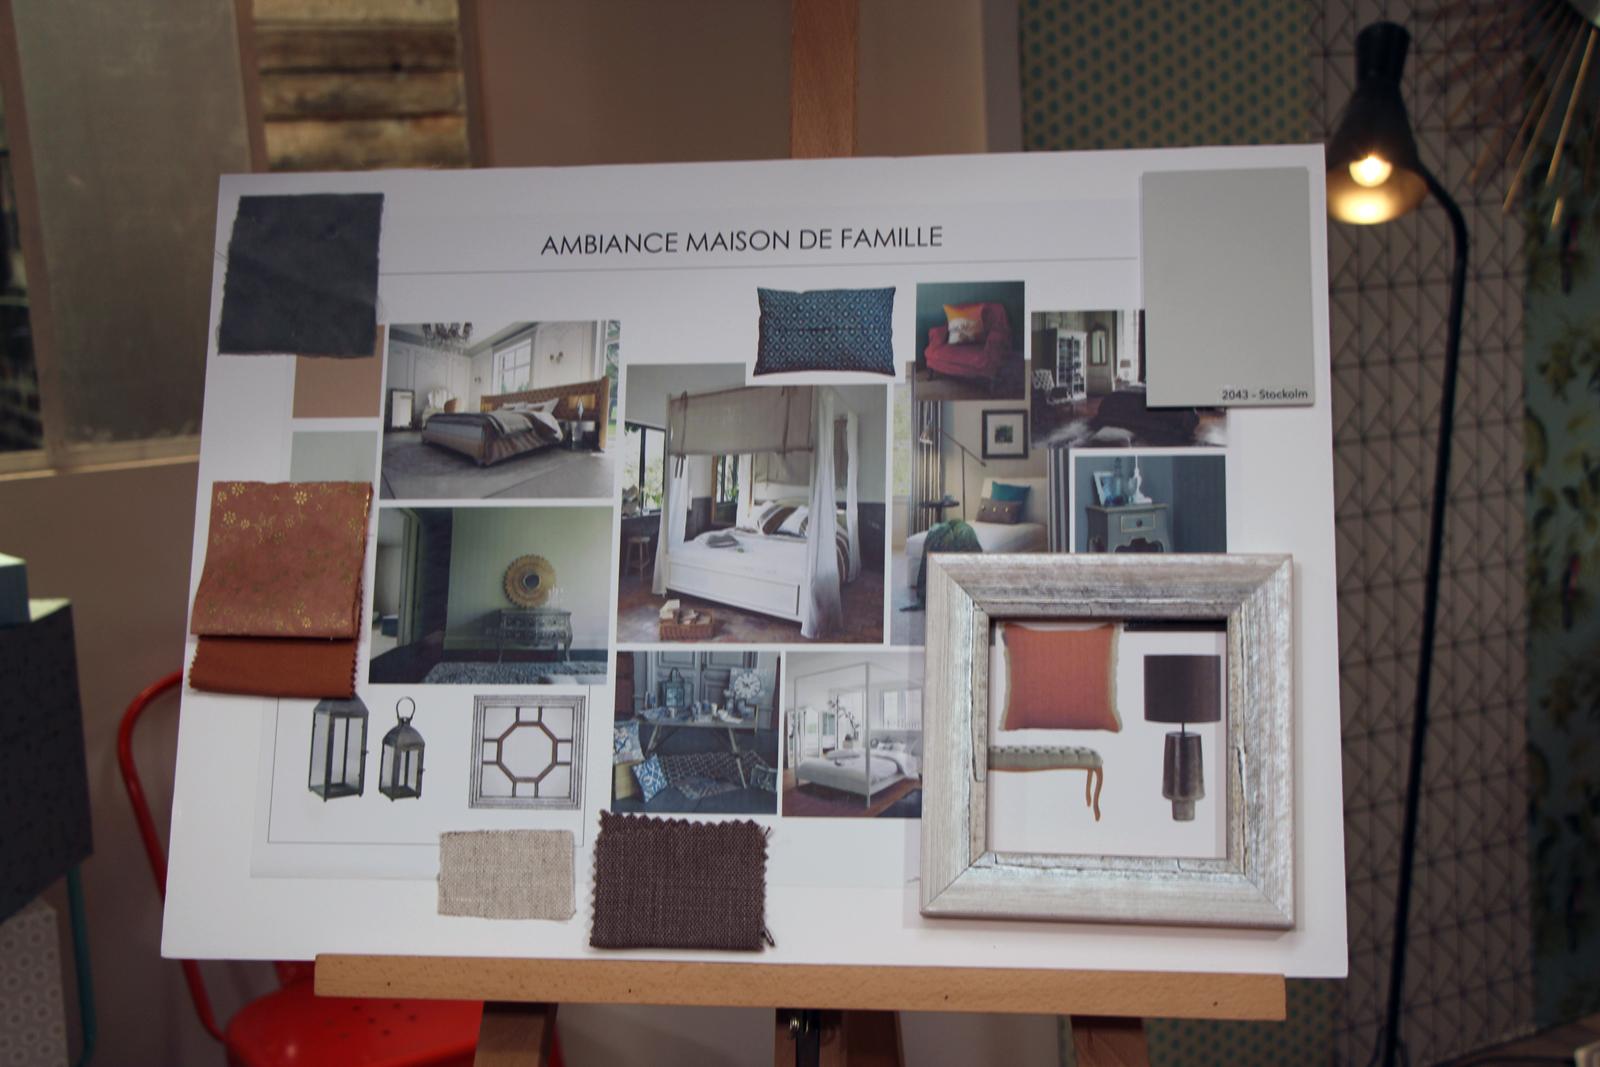 l'Atelier deco ambiance maison de famille coulisses du tournage stéphanie caumont